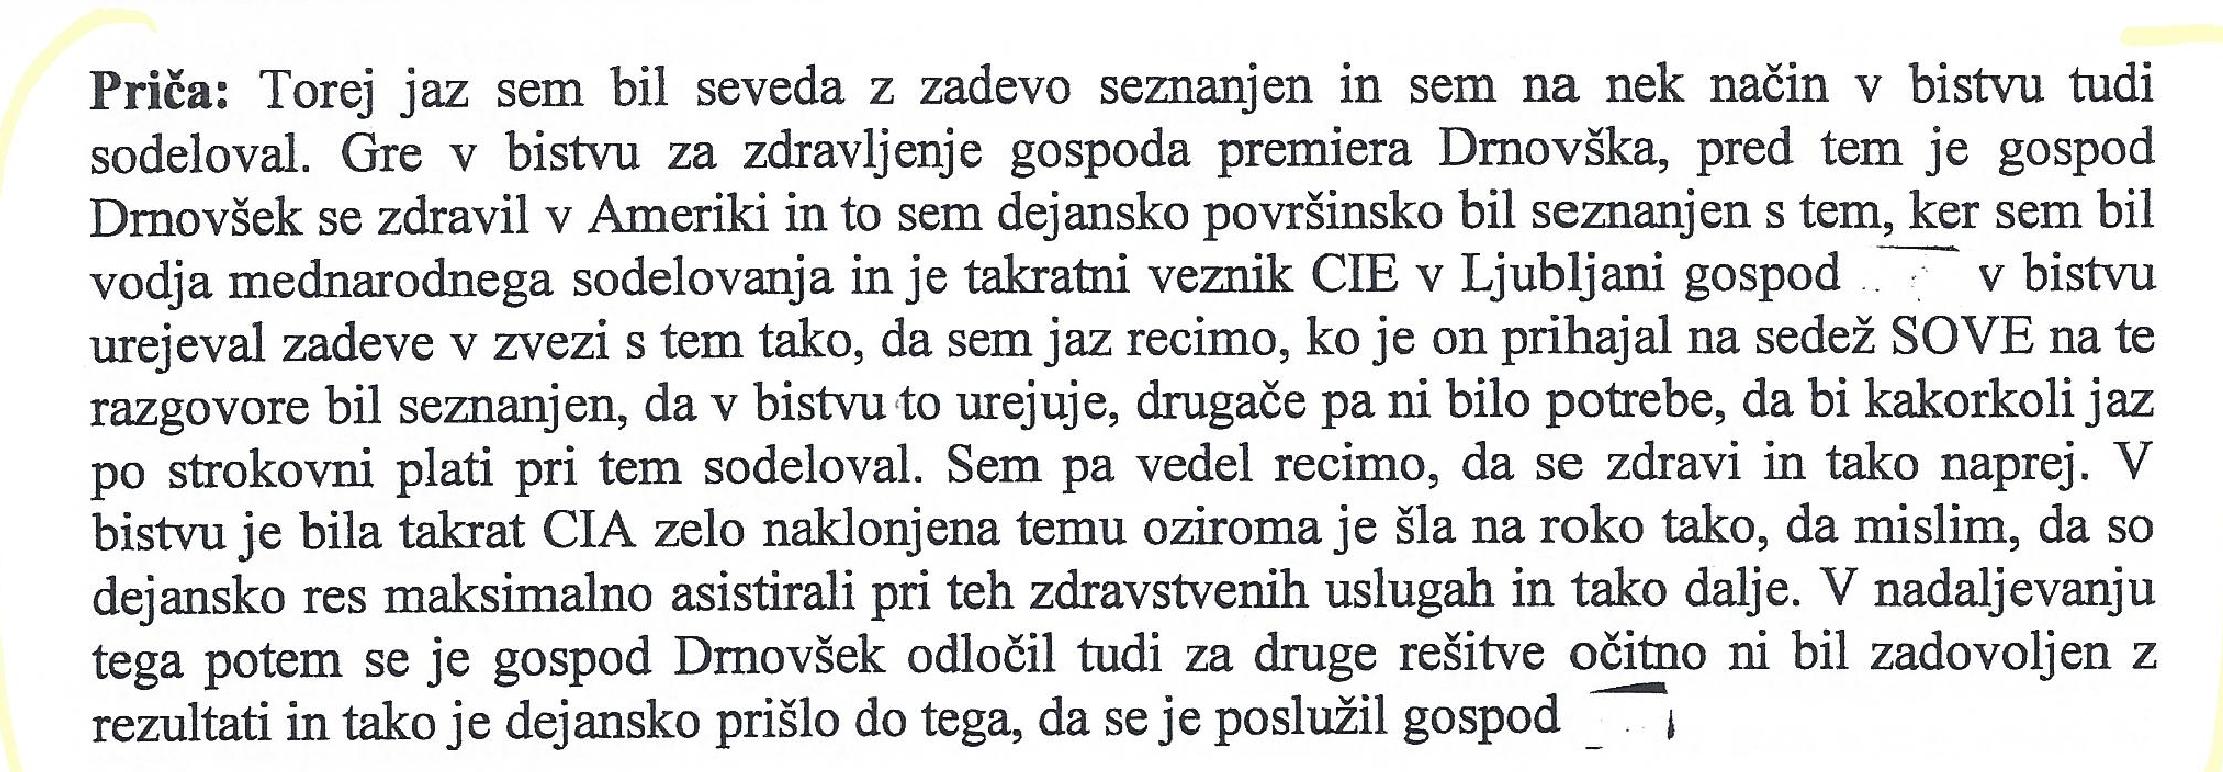 Pričanje Denisa Poljaka (prvi del). Vir: sodni spis.